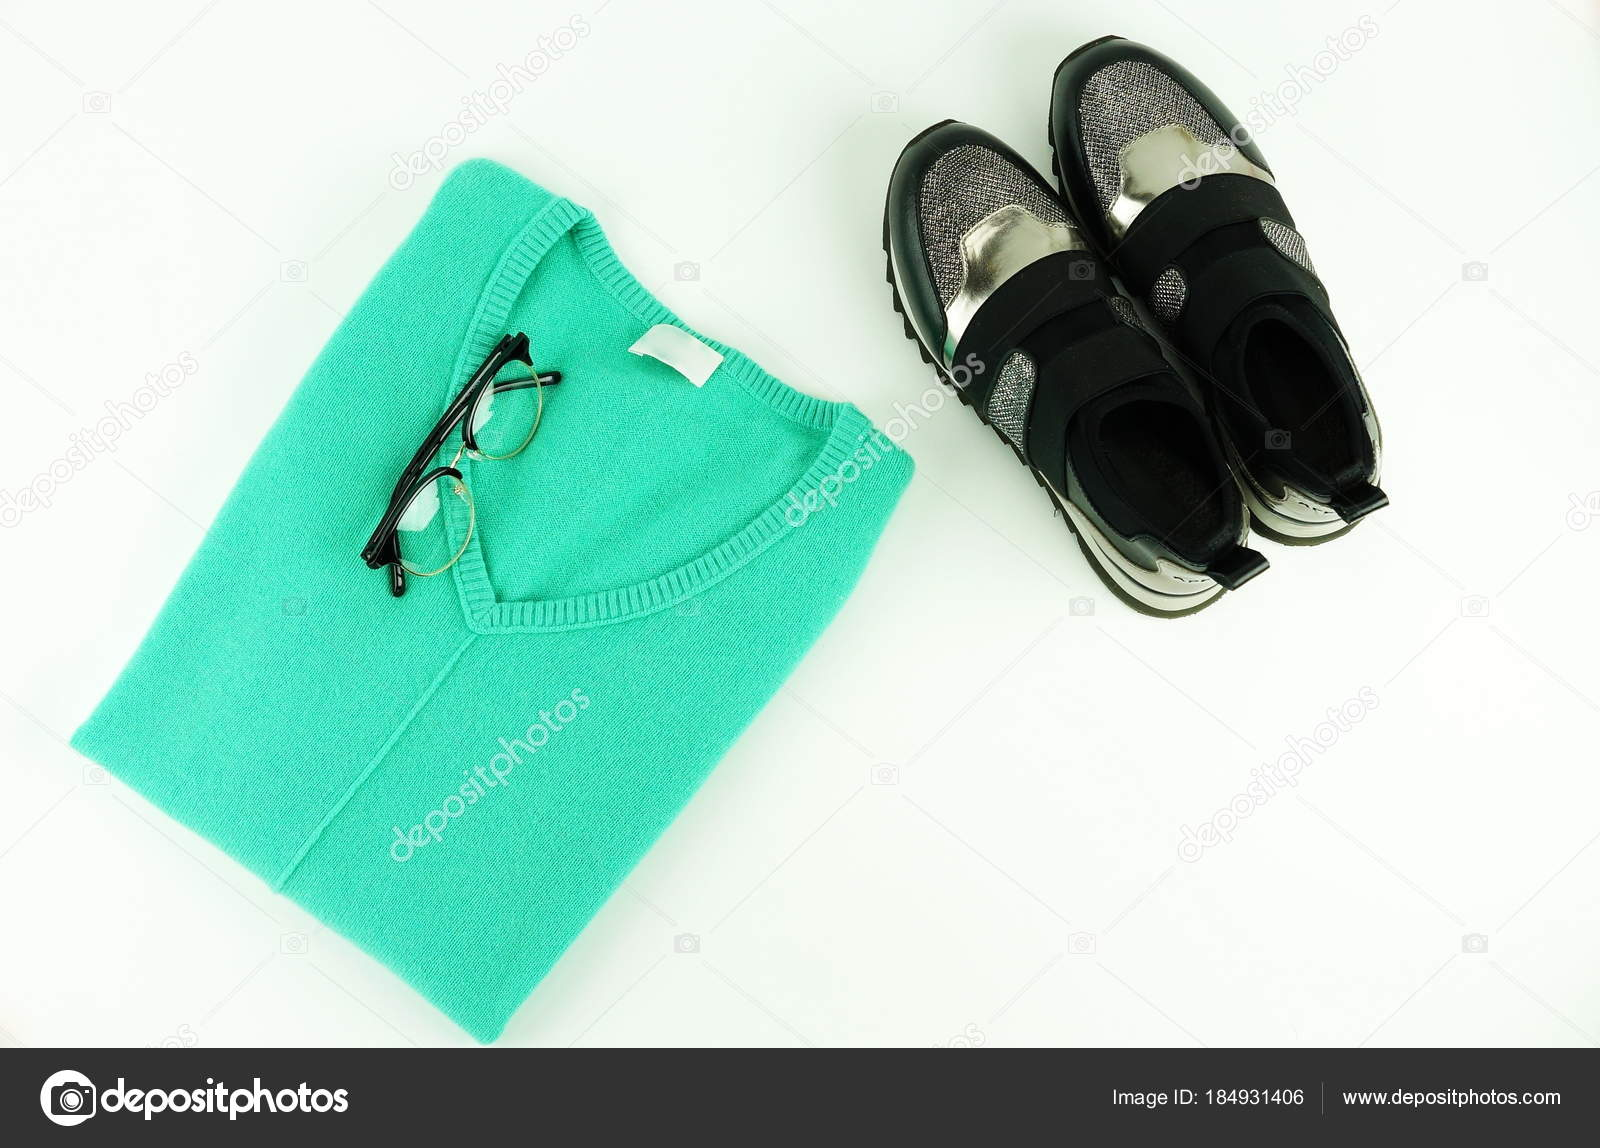 ed071a30bb Las Mujeres Moda Ropa Calzado Accesorios Verdes Sueter Zapatillas Gafas —  Foto de Stock